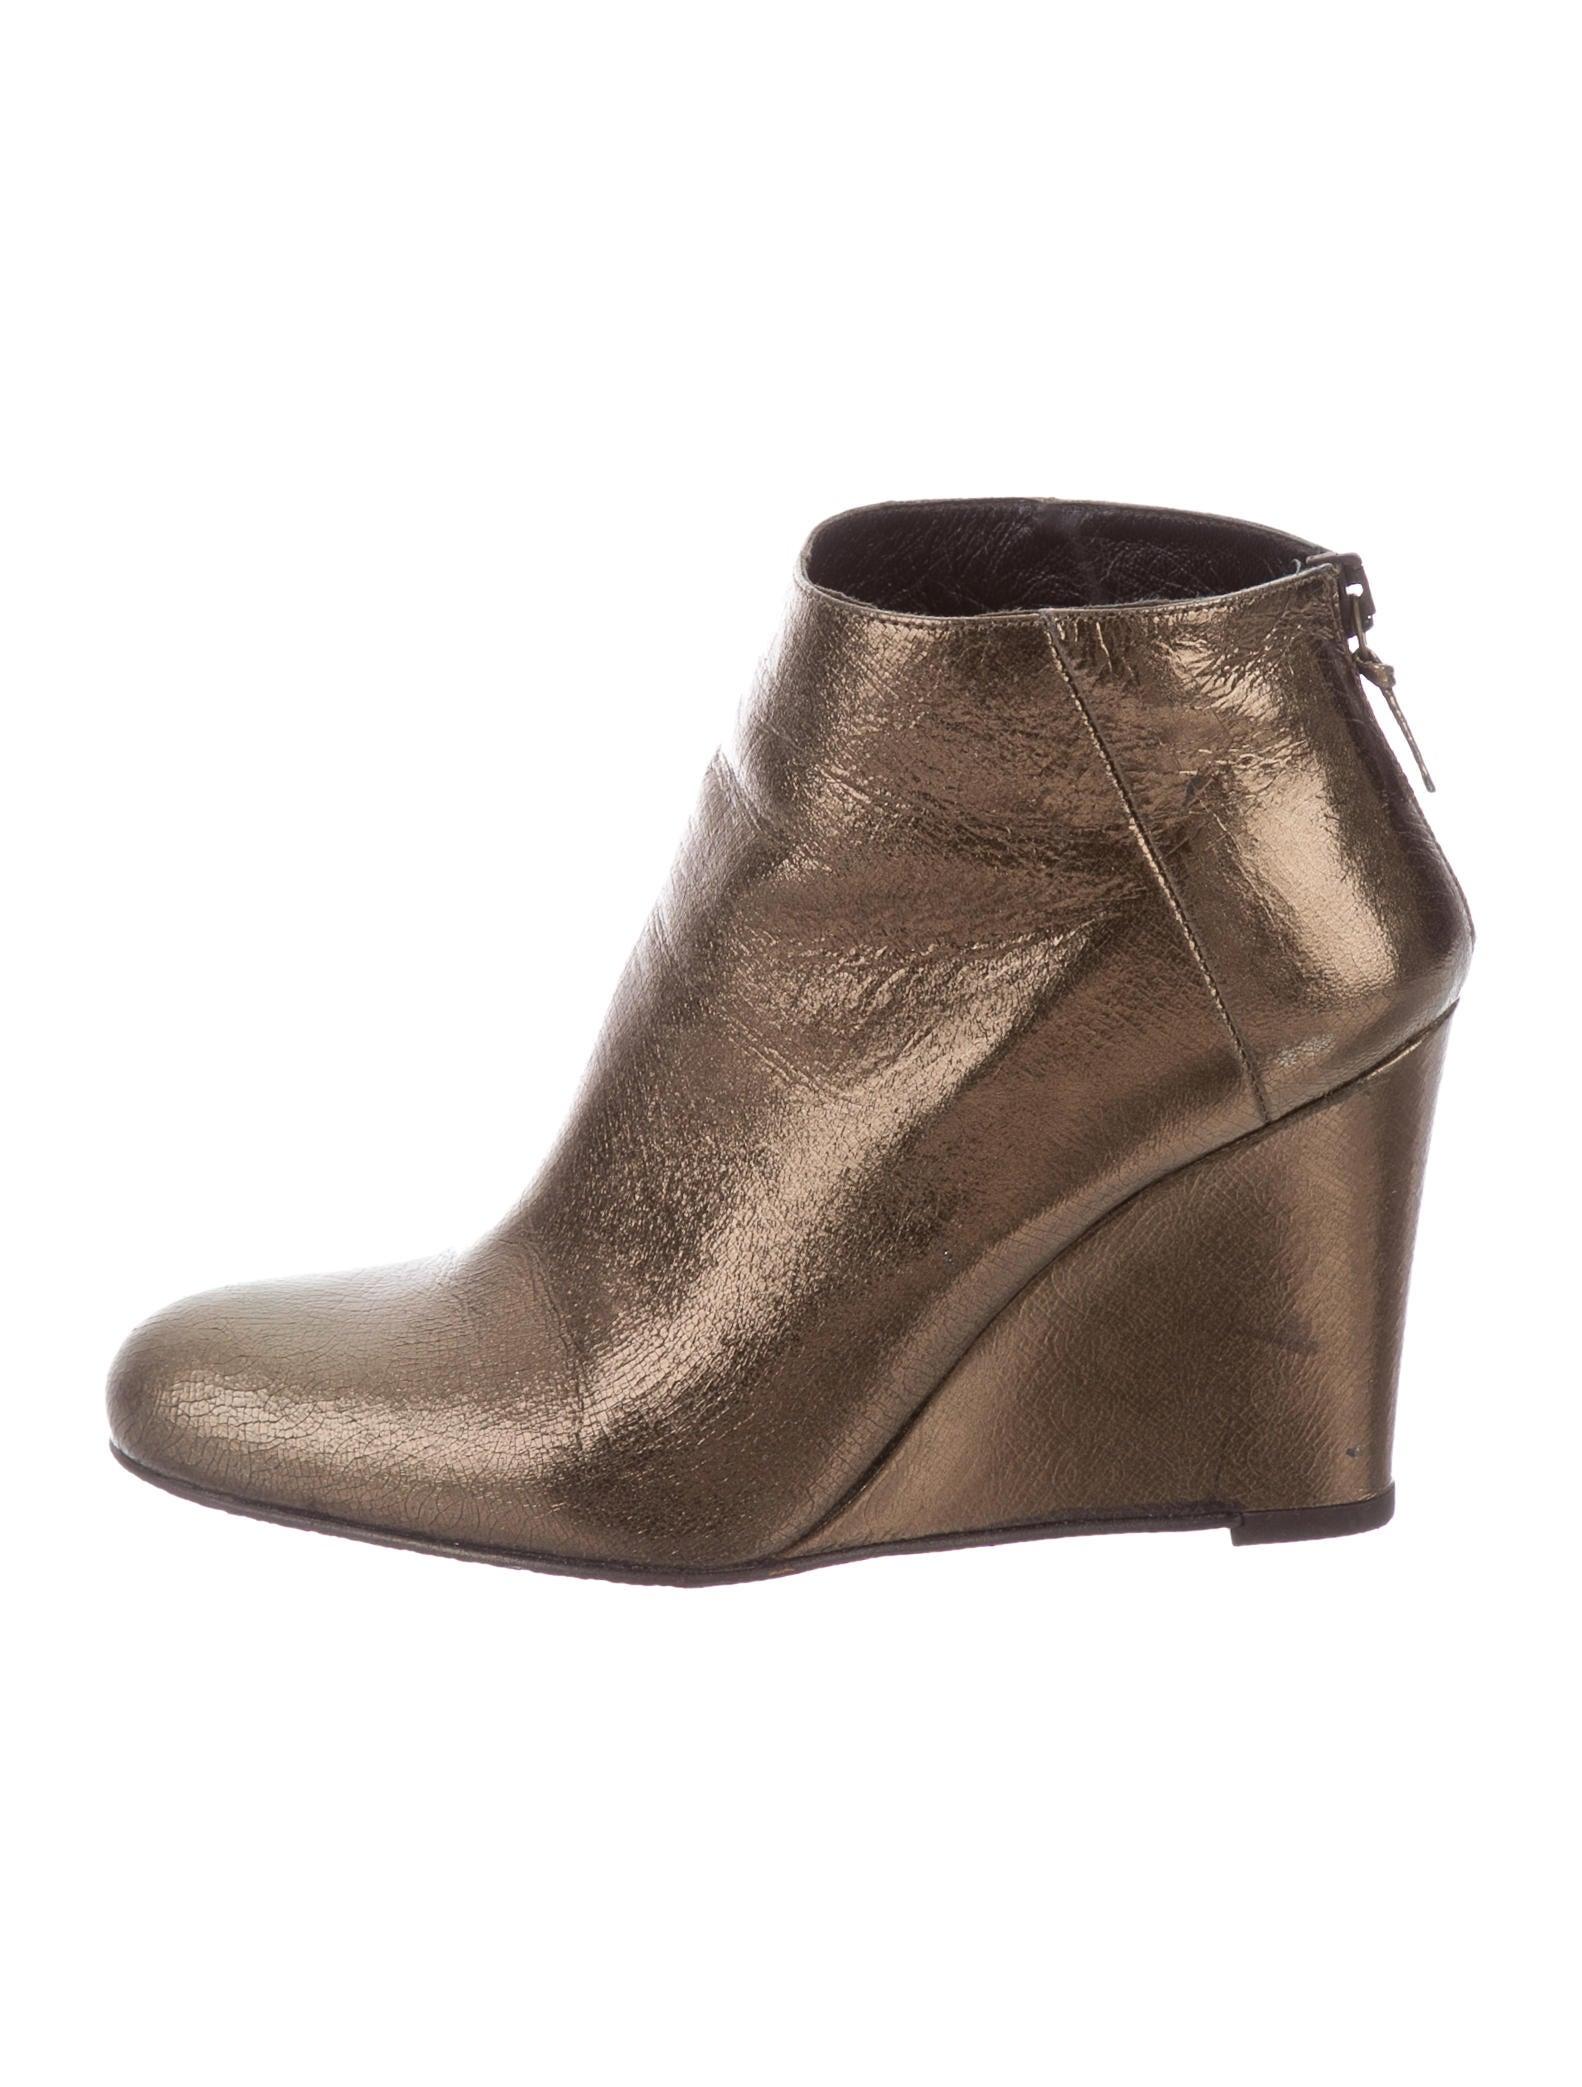 stuart weitzman shoezy wedge ankle boots shoes